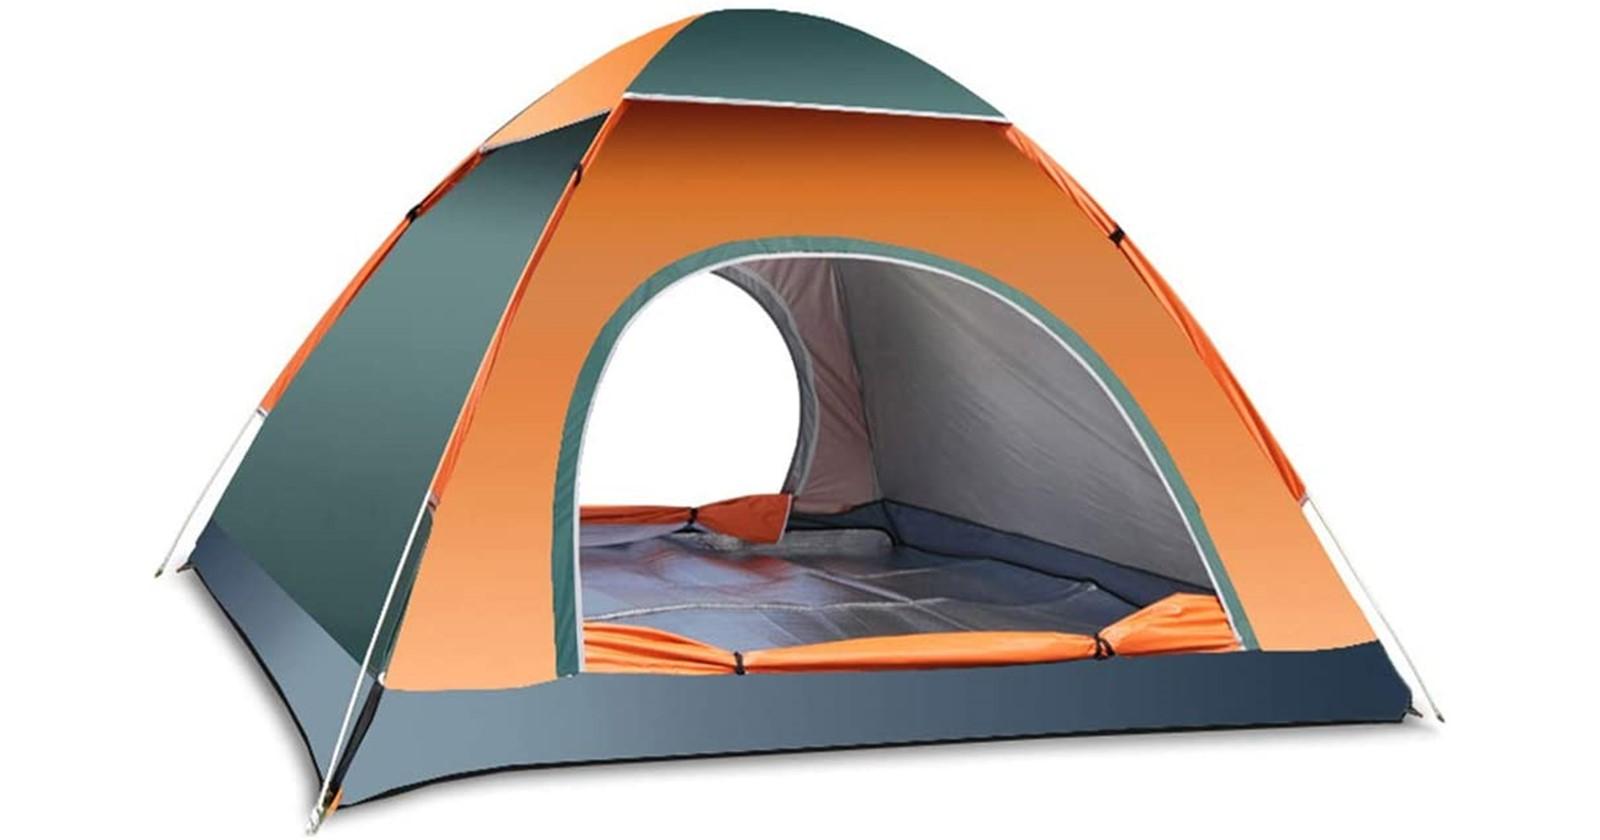 Amazonタイムセールで「テント」がとにかく安い!お買い得テントと共に夏のキャンプを楽しもう